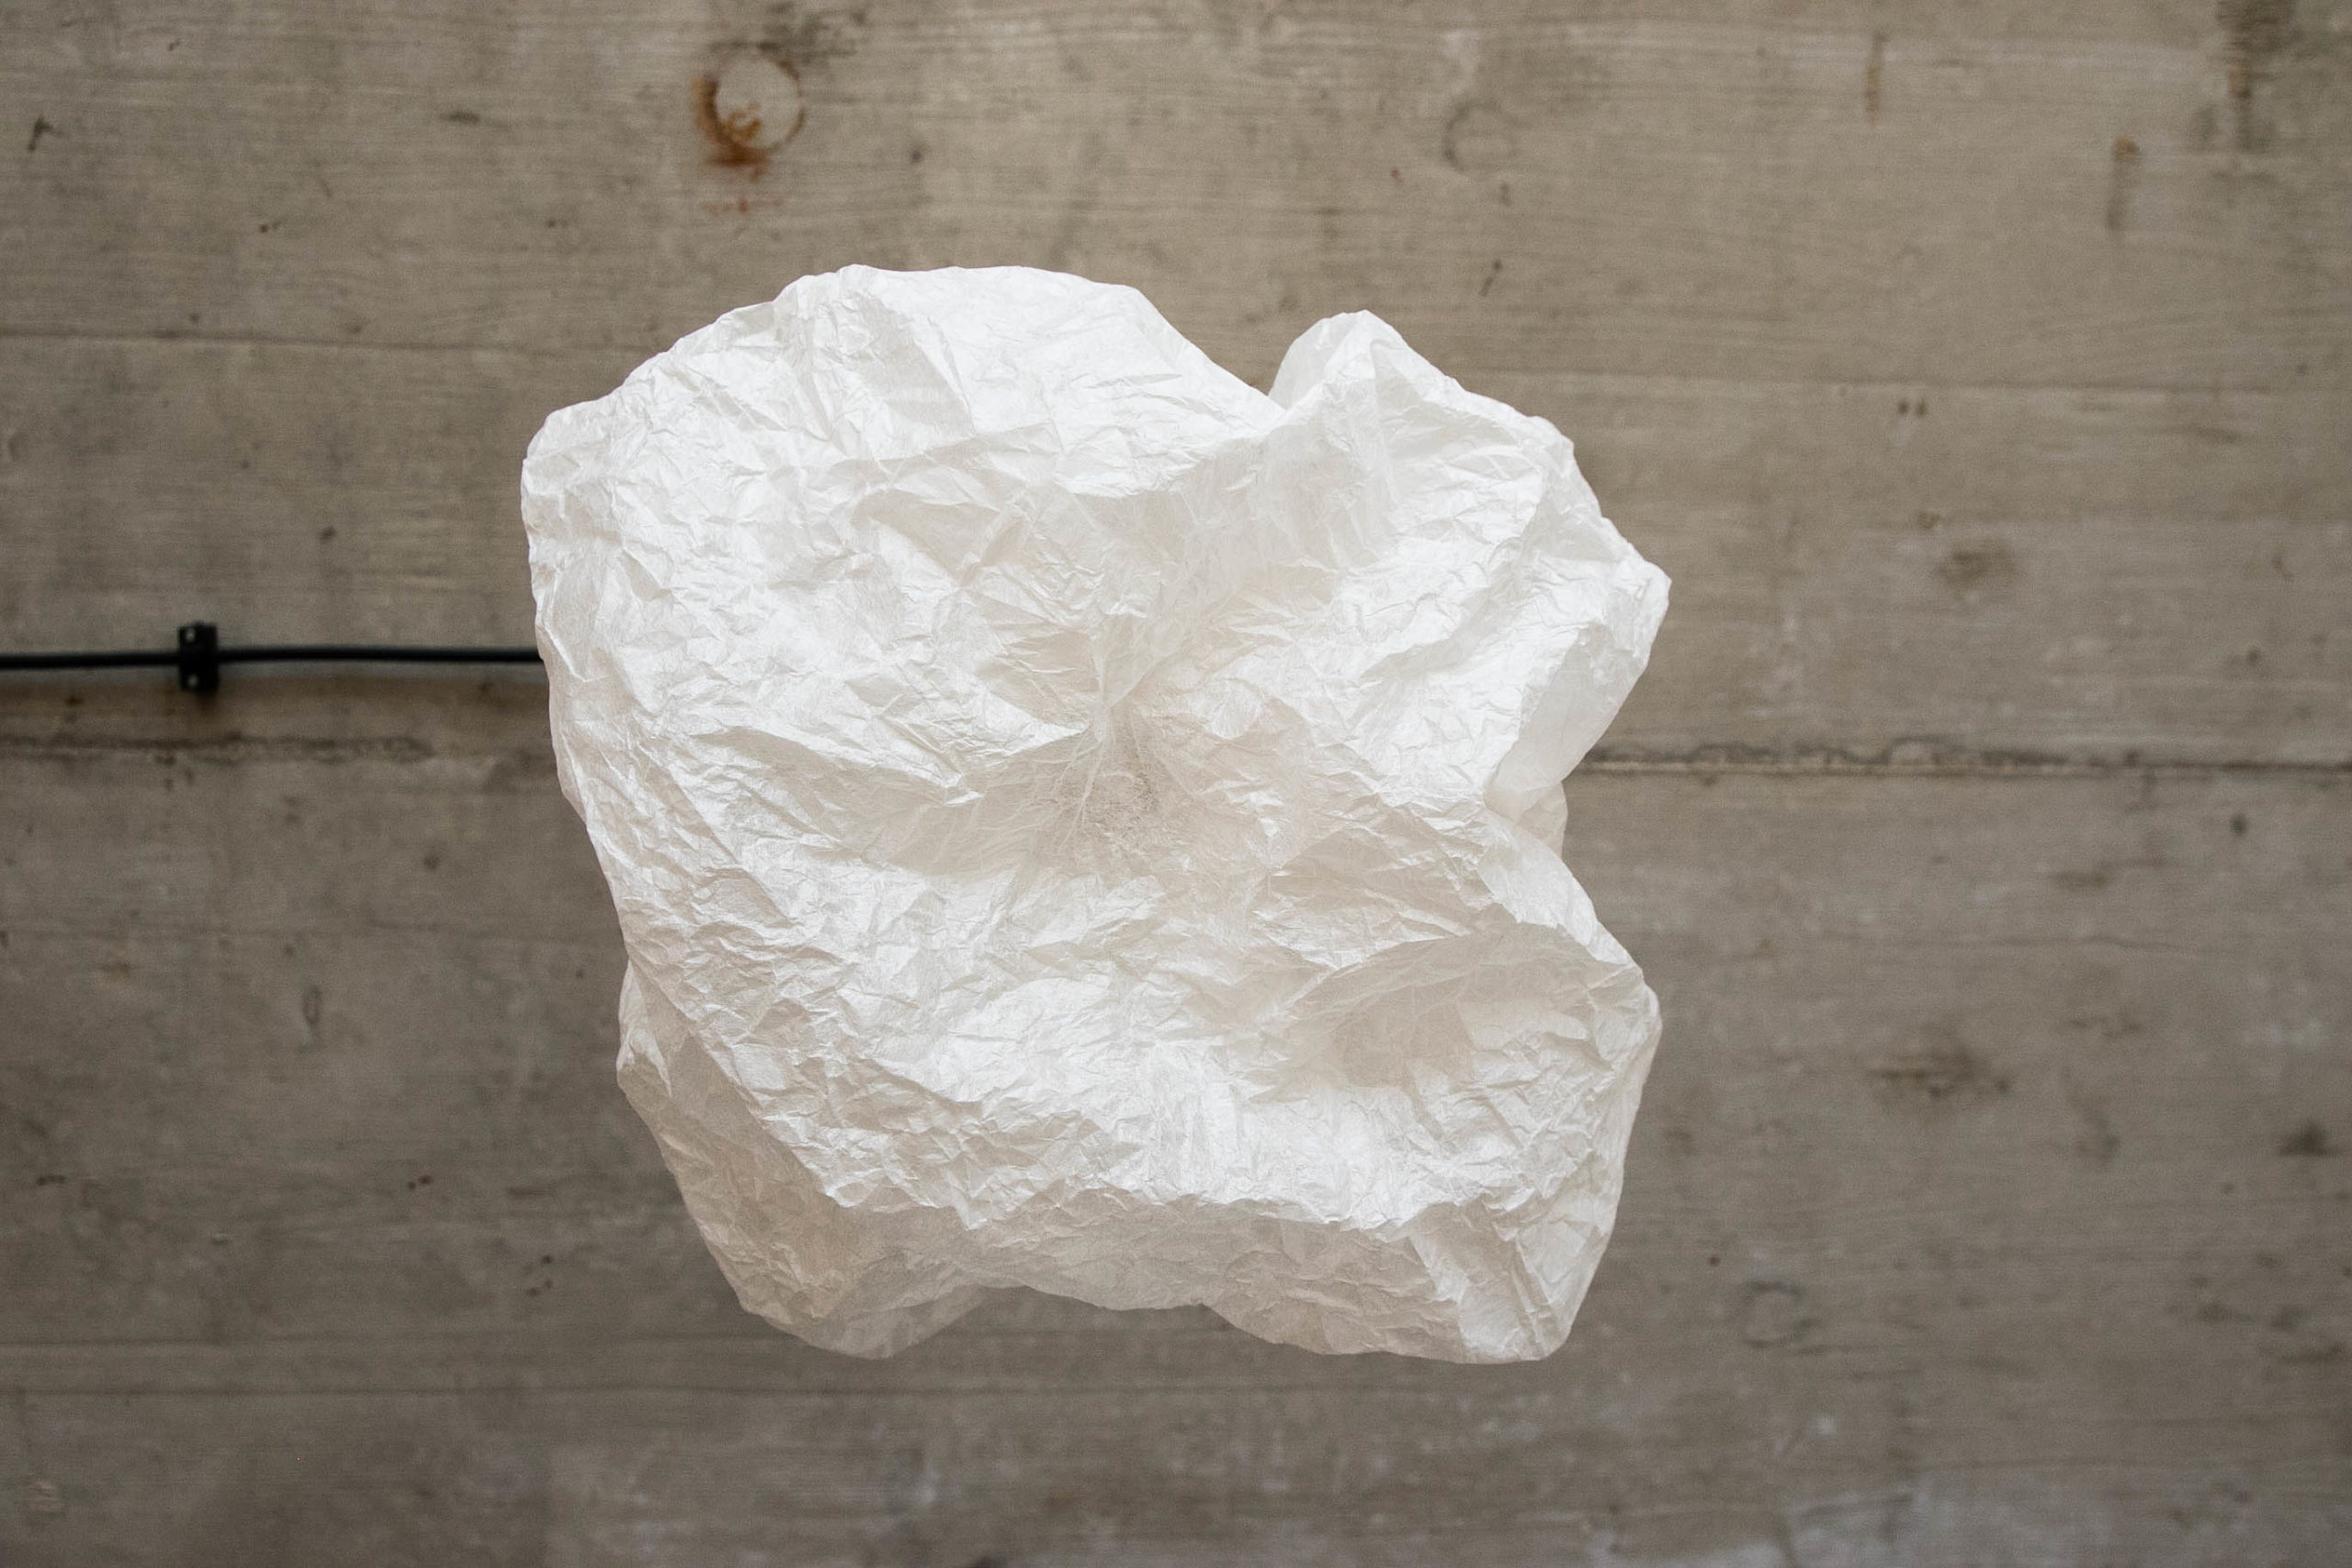 Studio Pilates Art v Klánovicích - světlo z japonského papíru washi. Aurtor: Kurz architekti